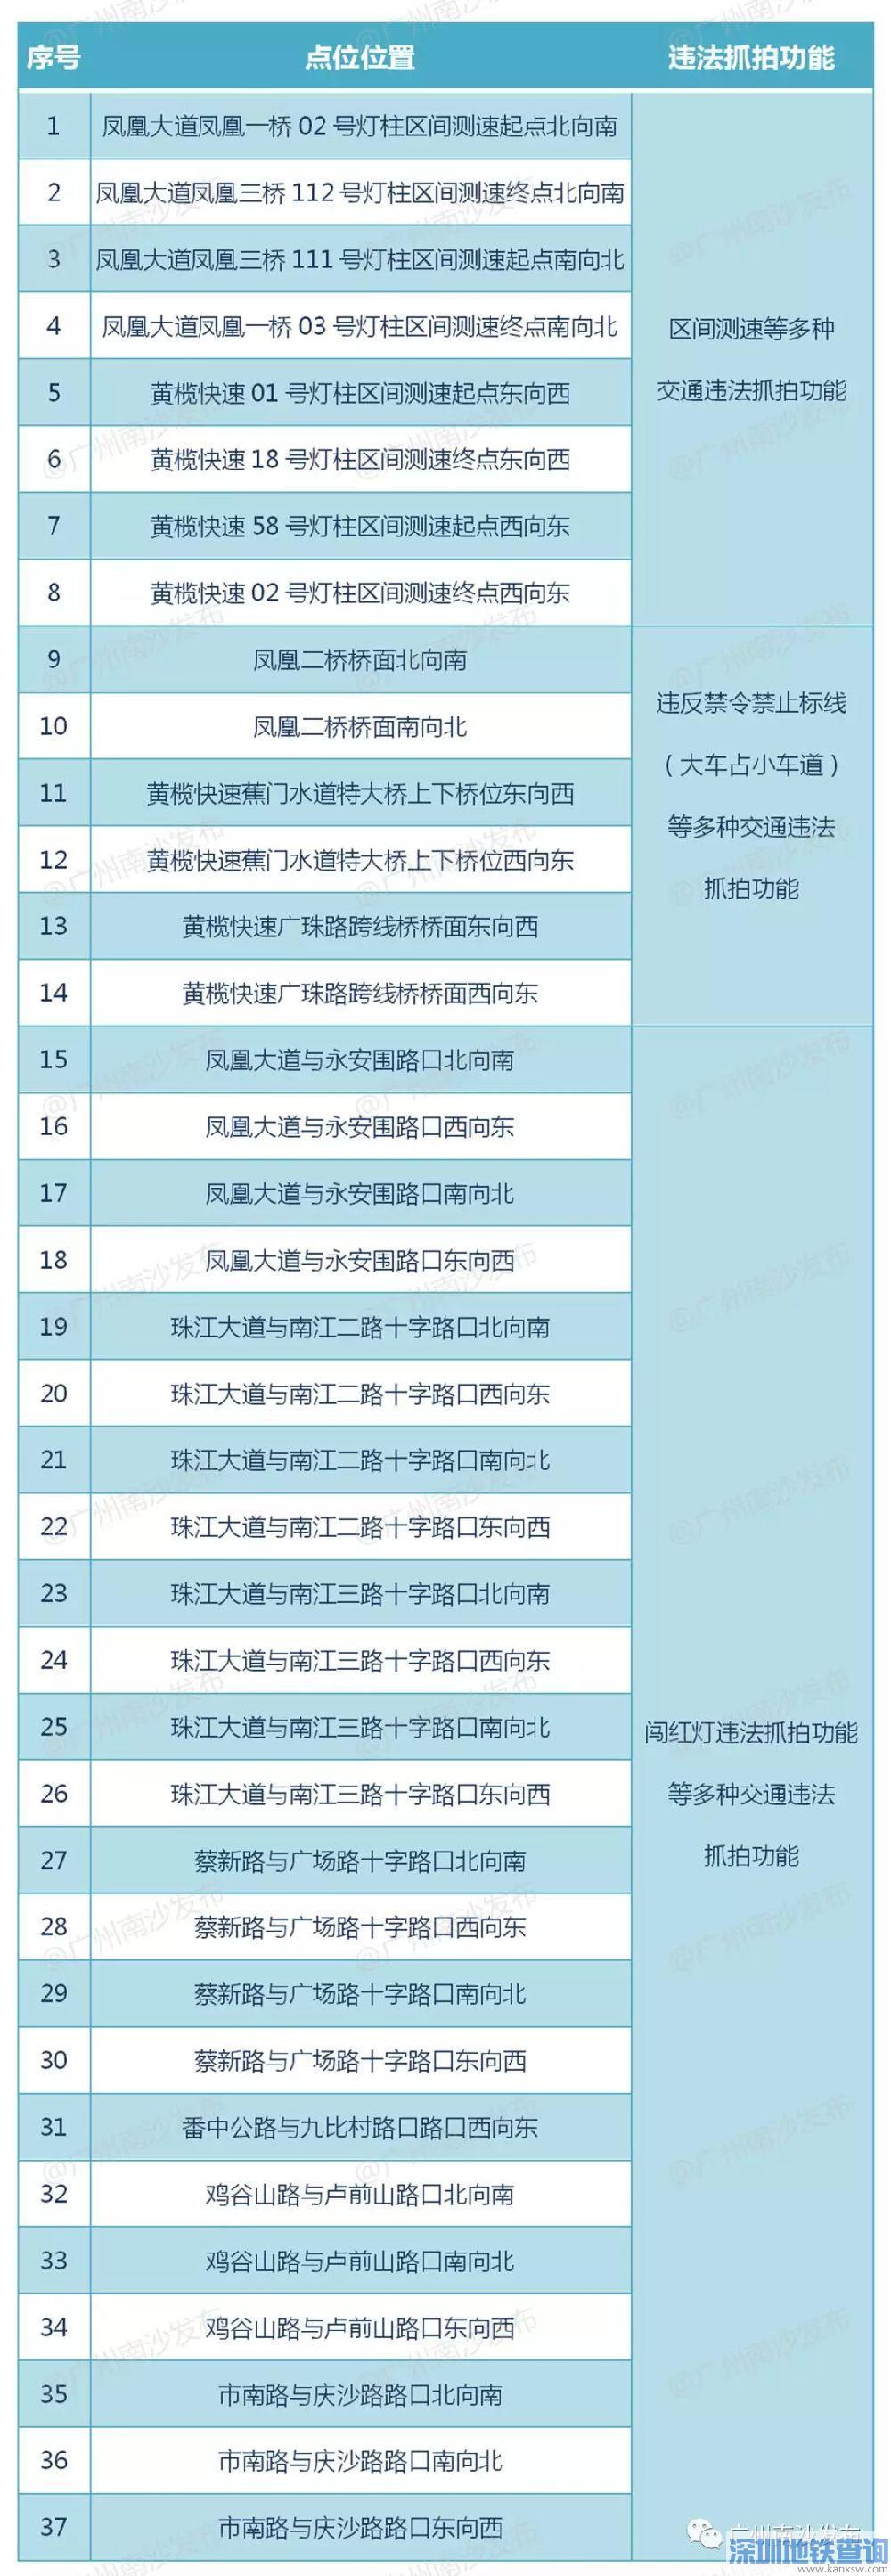 2019年9月13日起广州白云区将新增45个电子警察